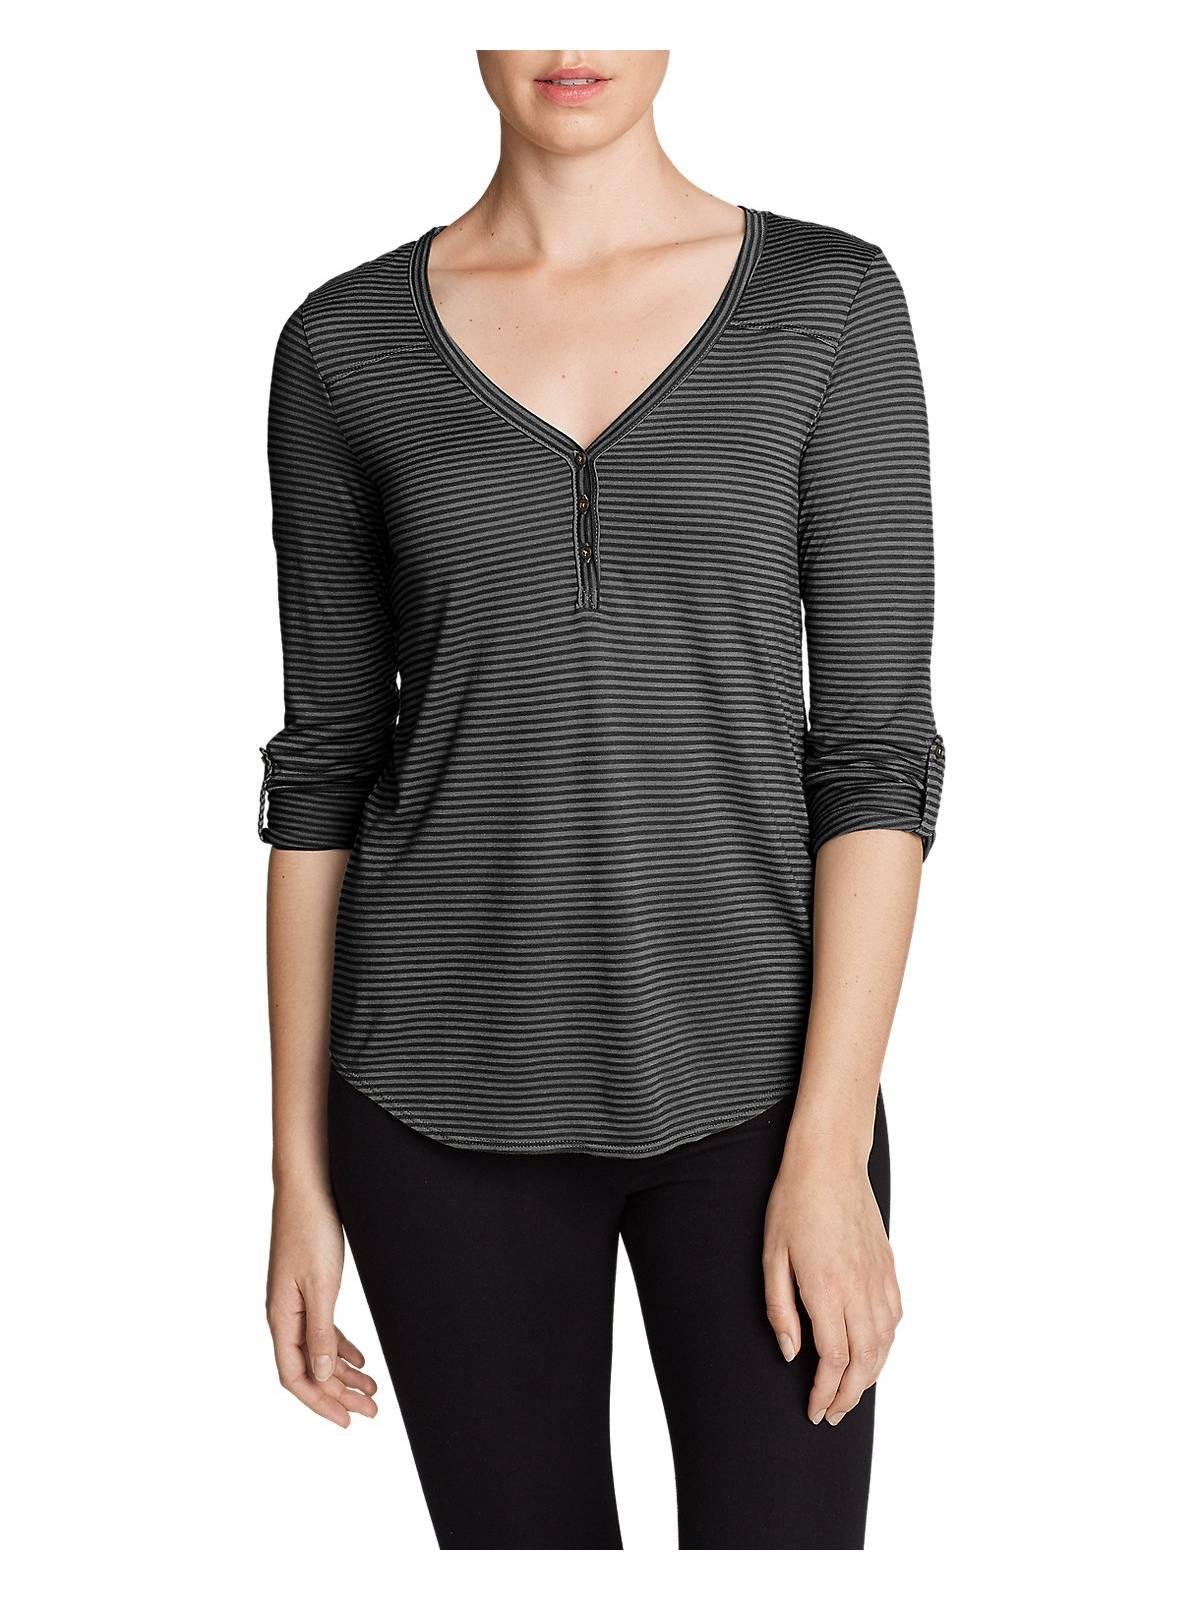 5965cc9727d93 Eddie Bauer Women s Mercer Knit Henley Shirt - Stripe